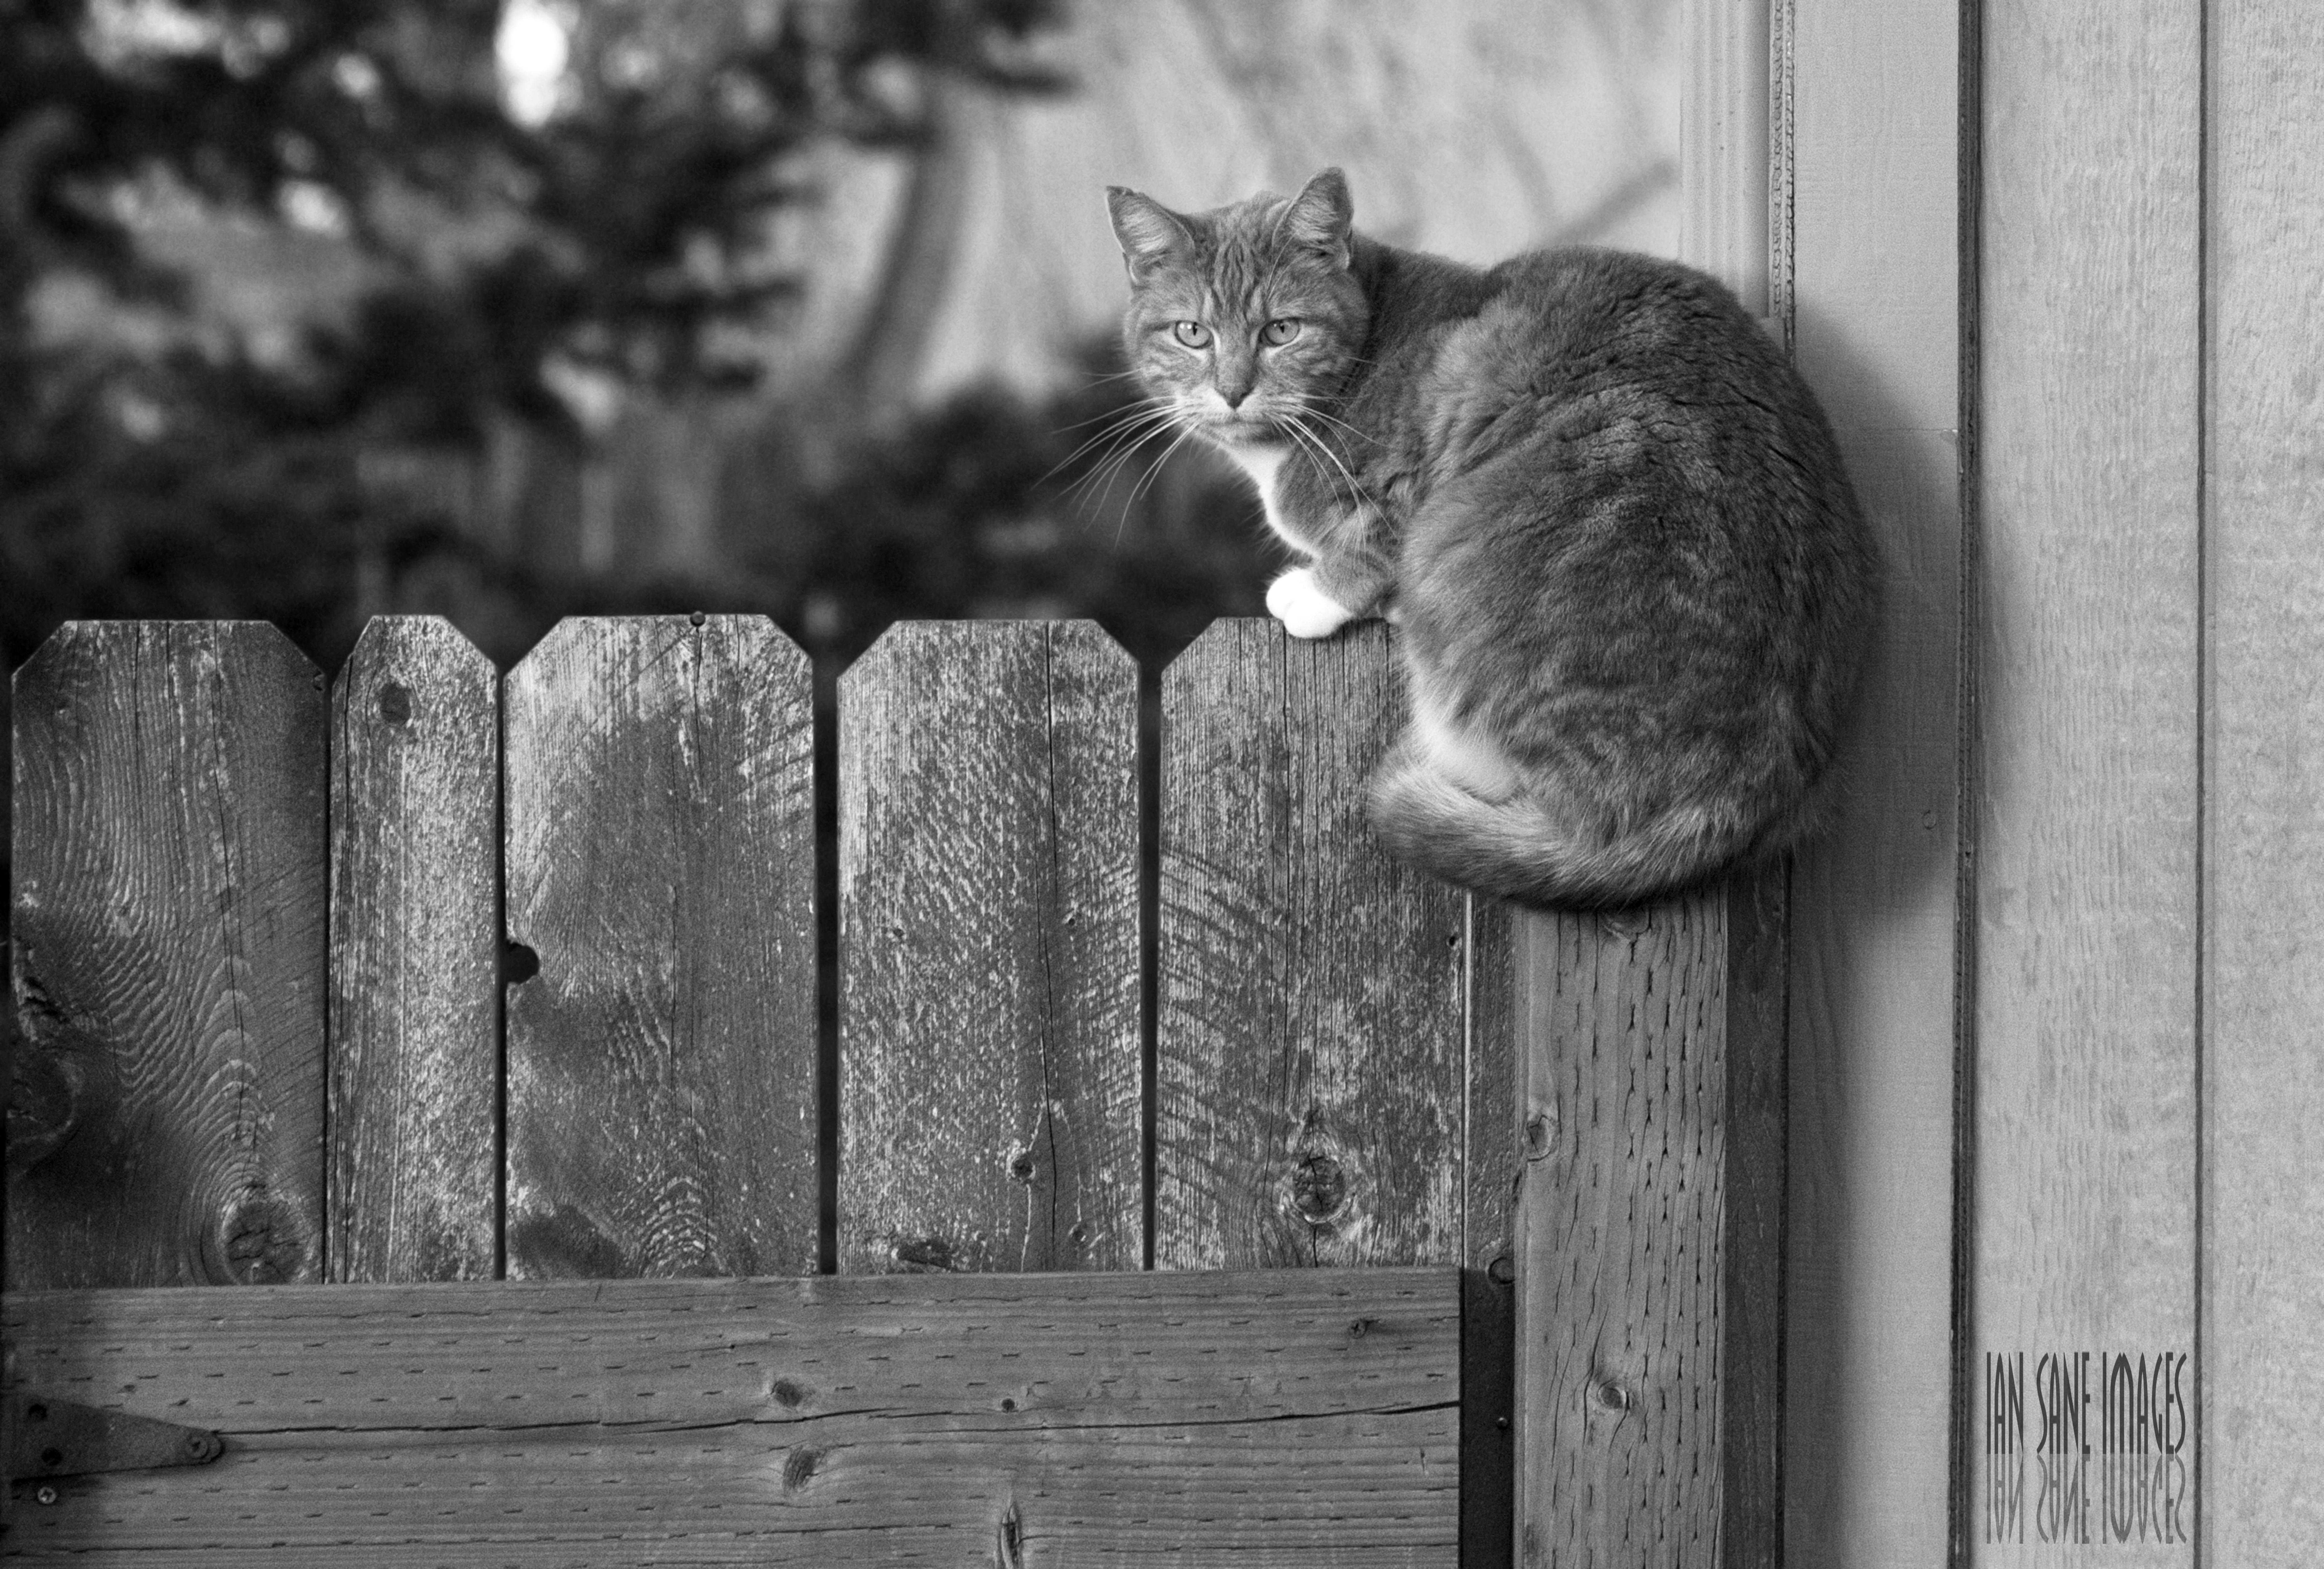 9721123794 Fotos gratis : cerca, en blanco y negro, cámara, fotografía, barrio,  naranja, gatito, gato, lente, canon, felino, atigrado, monocromo, bigotes,  Eos, es, un, ...